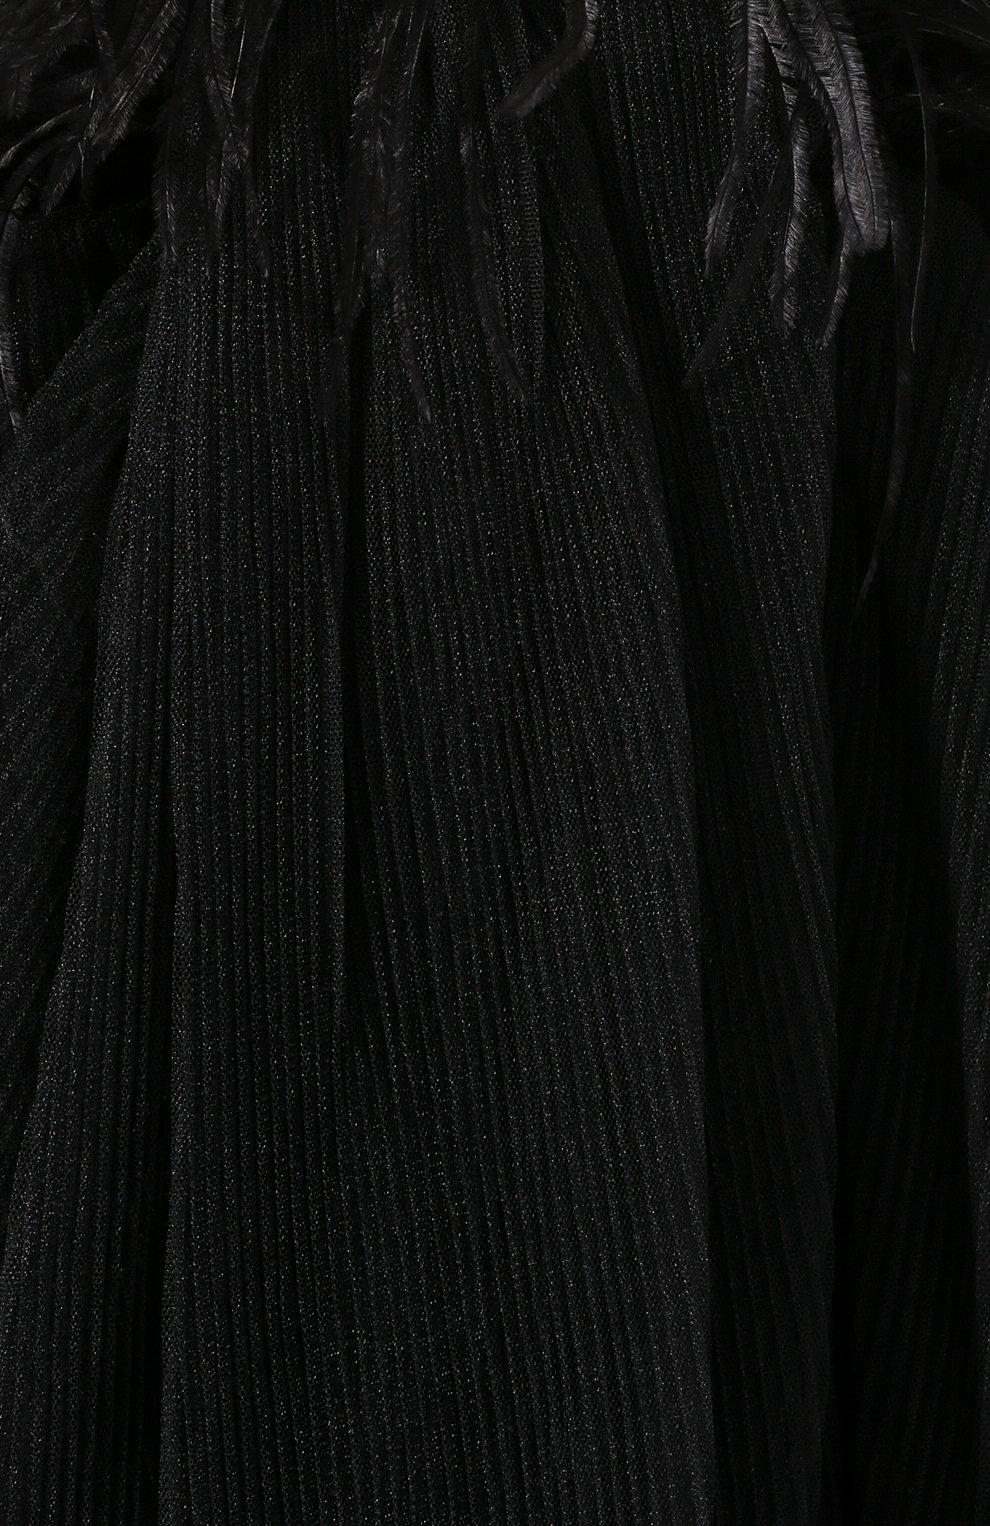 Женское платье с отделкой перьями ACT N1 черного цвета, арт. SSD2002   Фото 5 (Случай: Вечерний; Длина Ж (юбки, платья, шорты): Мини; Рукава: Короткие, Без рукавов; Материал внешний: Синтетический материал; Женское Кросс-КТ: Платье-одежда)